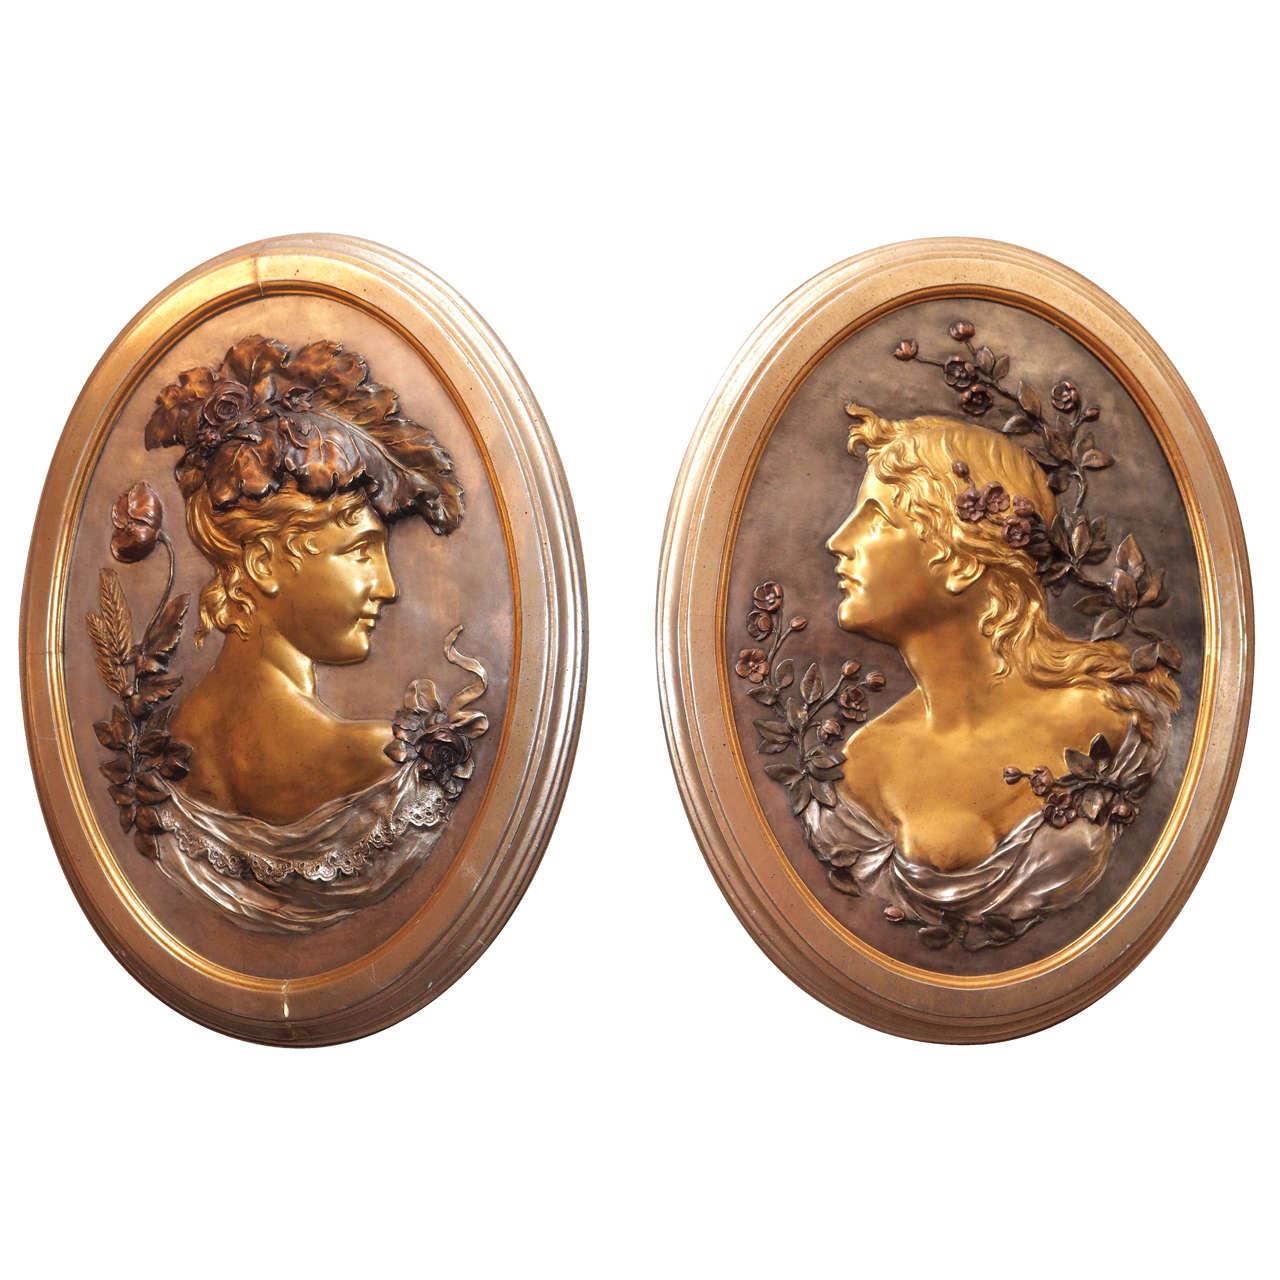 Pair of Superb Bronze Art Nouveau Portraits, circa 1930s